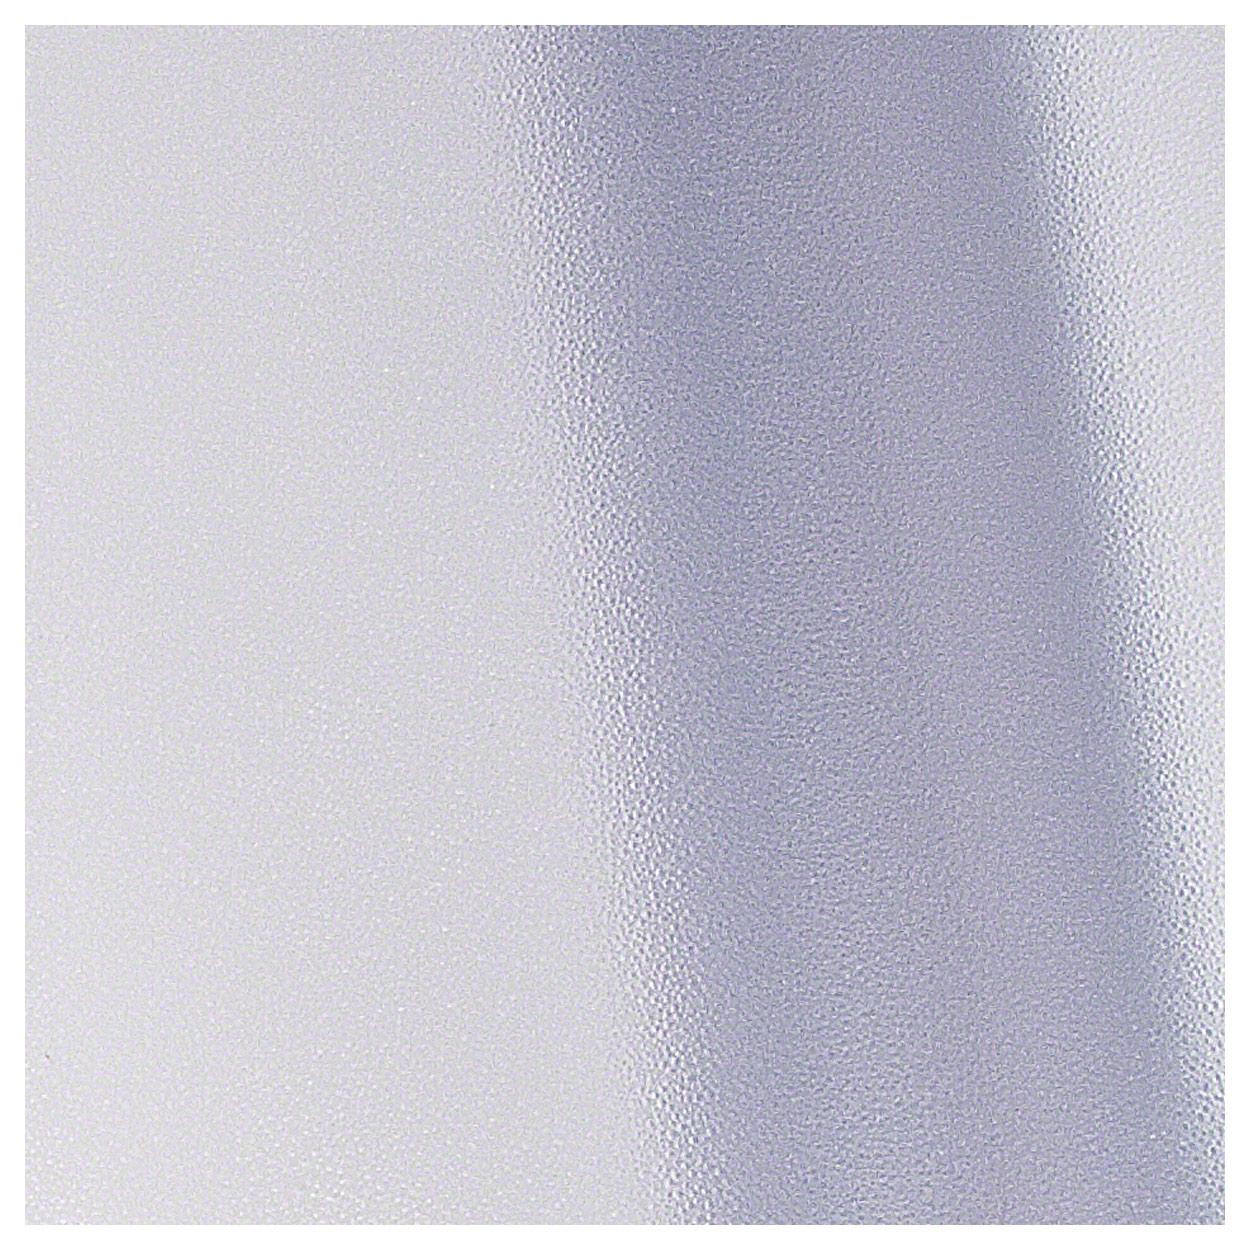 bodenschutzmatte bodenschutz laminat parkett teppich. Black Bedroom Furniture Sets. Home Design Ideas